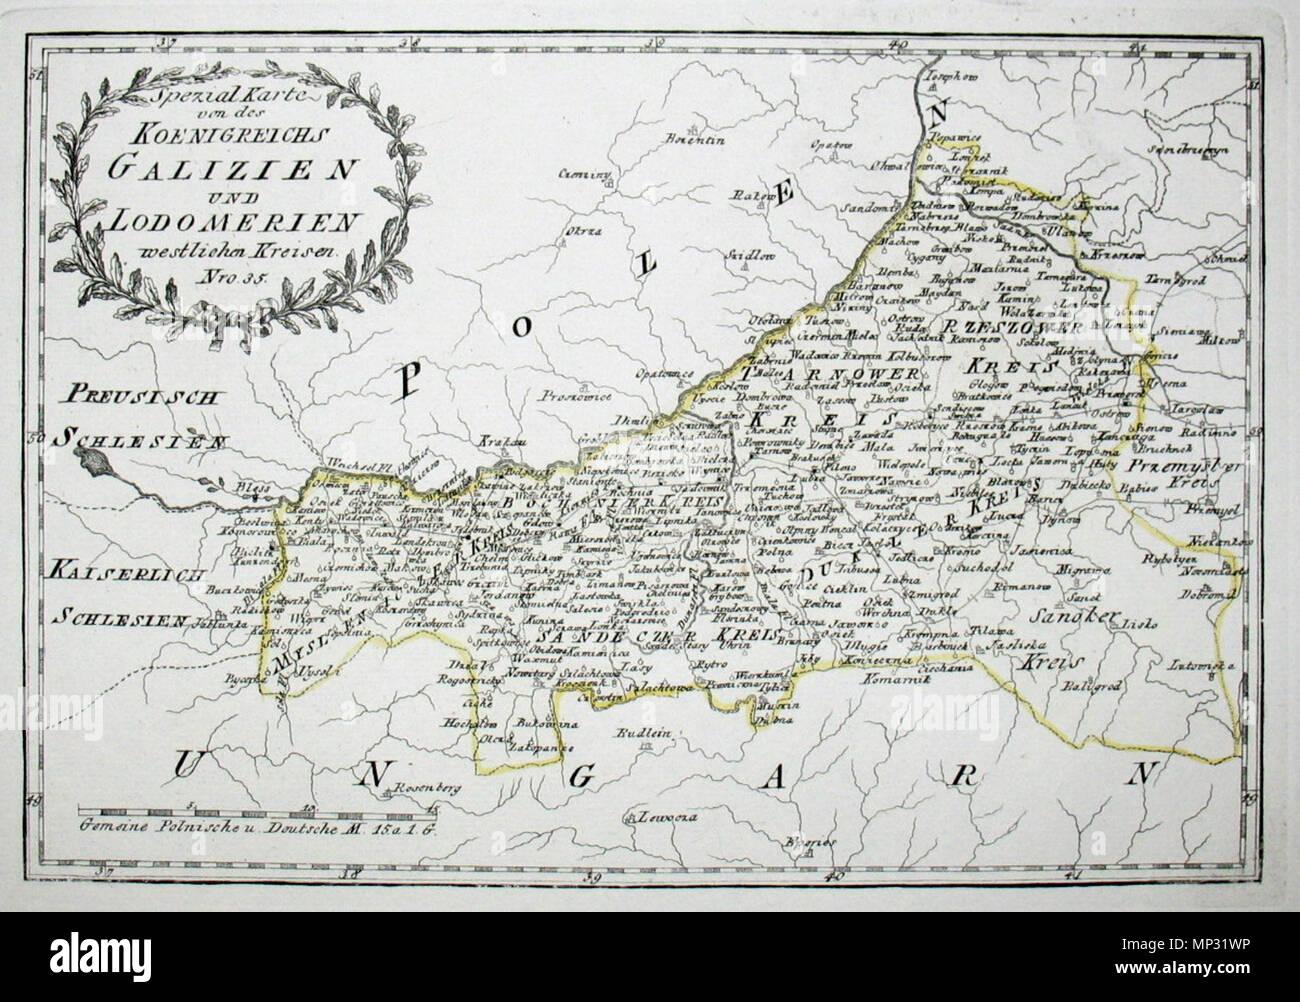 Galizien Karte.Deutsch Spezial Karte Von Des Koenigreichs Galizien Und Lodomerien